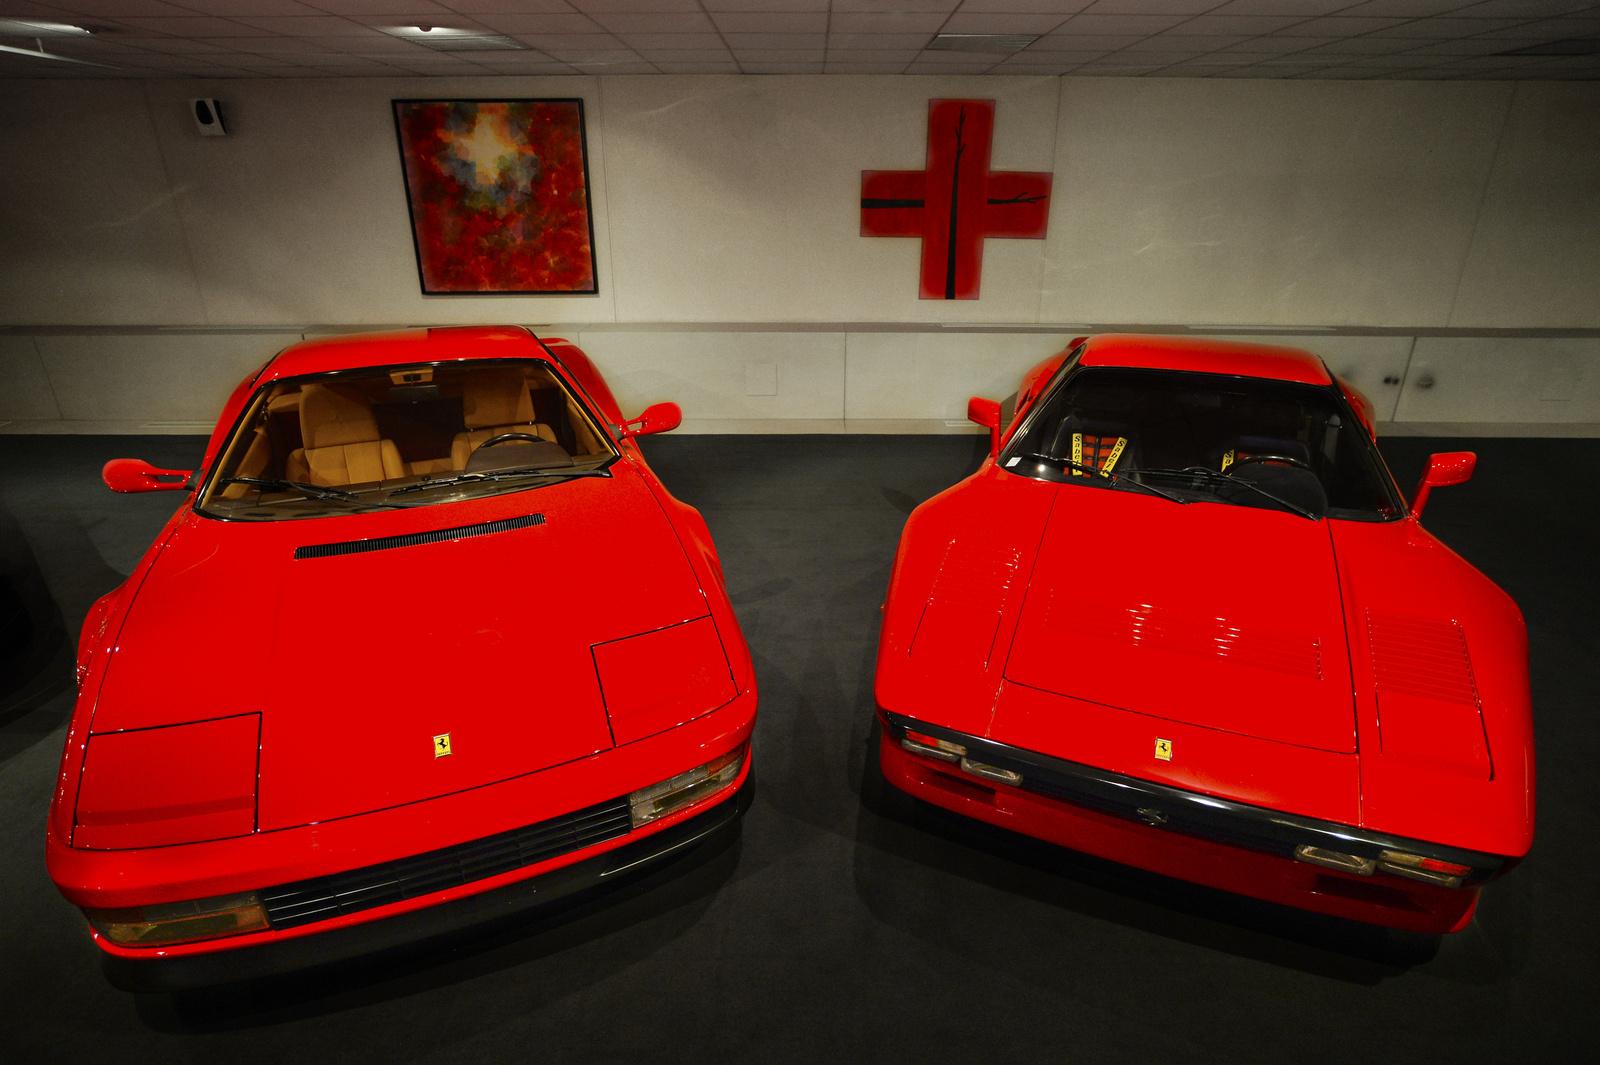 Ferrari Testarossa - Ferrari 288 GTO